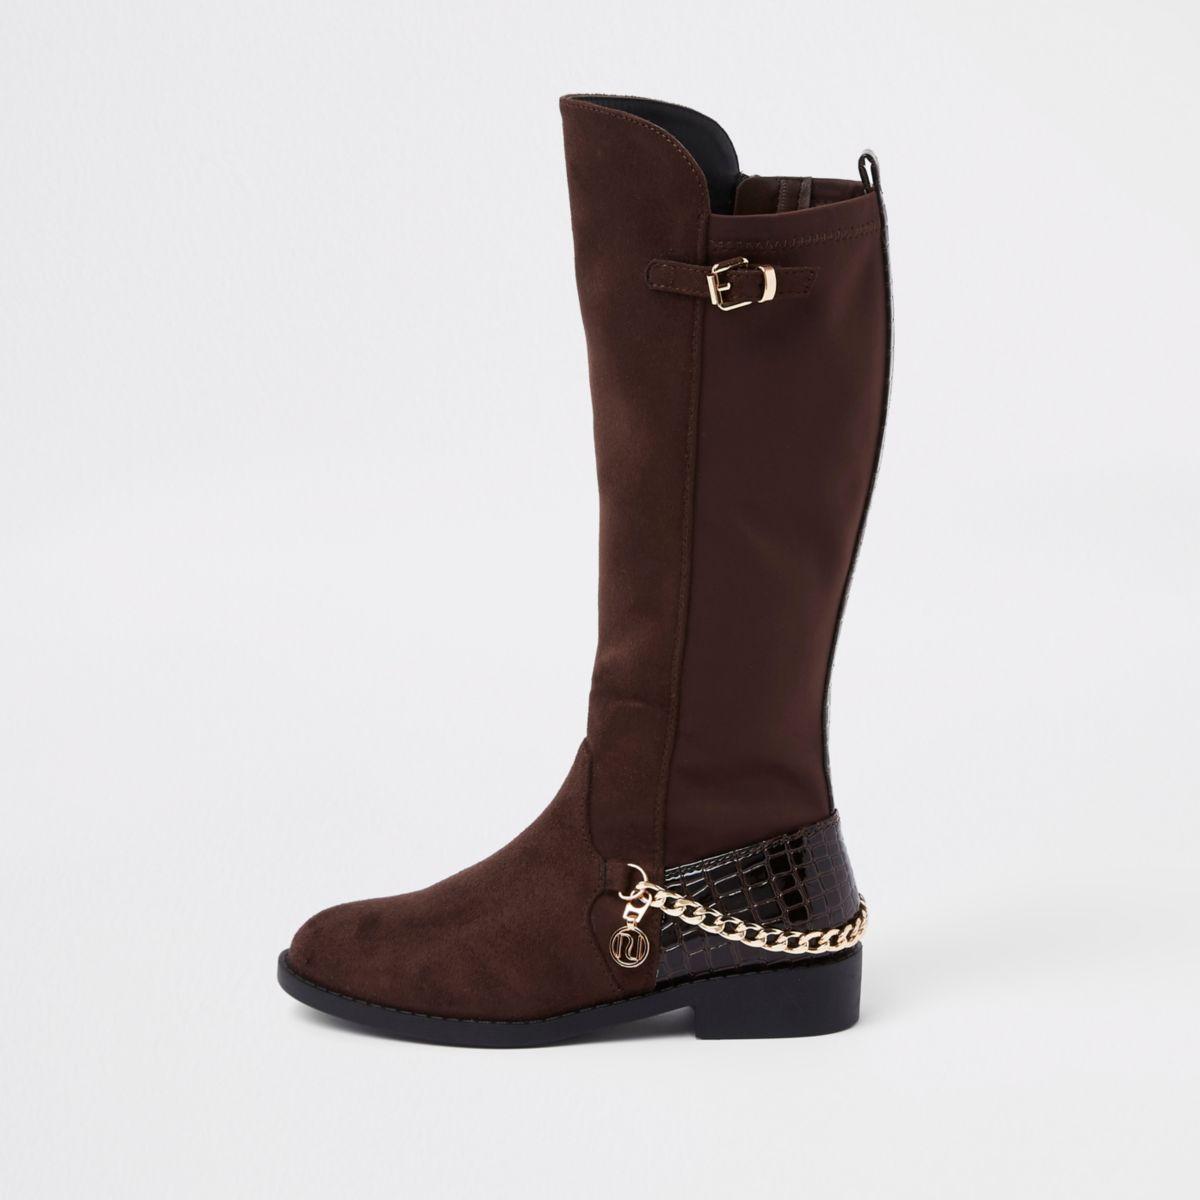 Girls dark red suede chain knee high boots